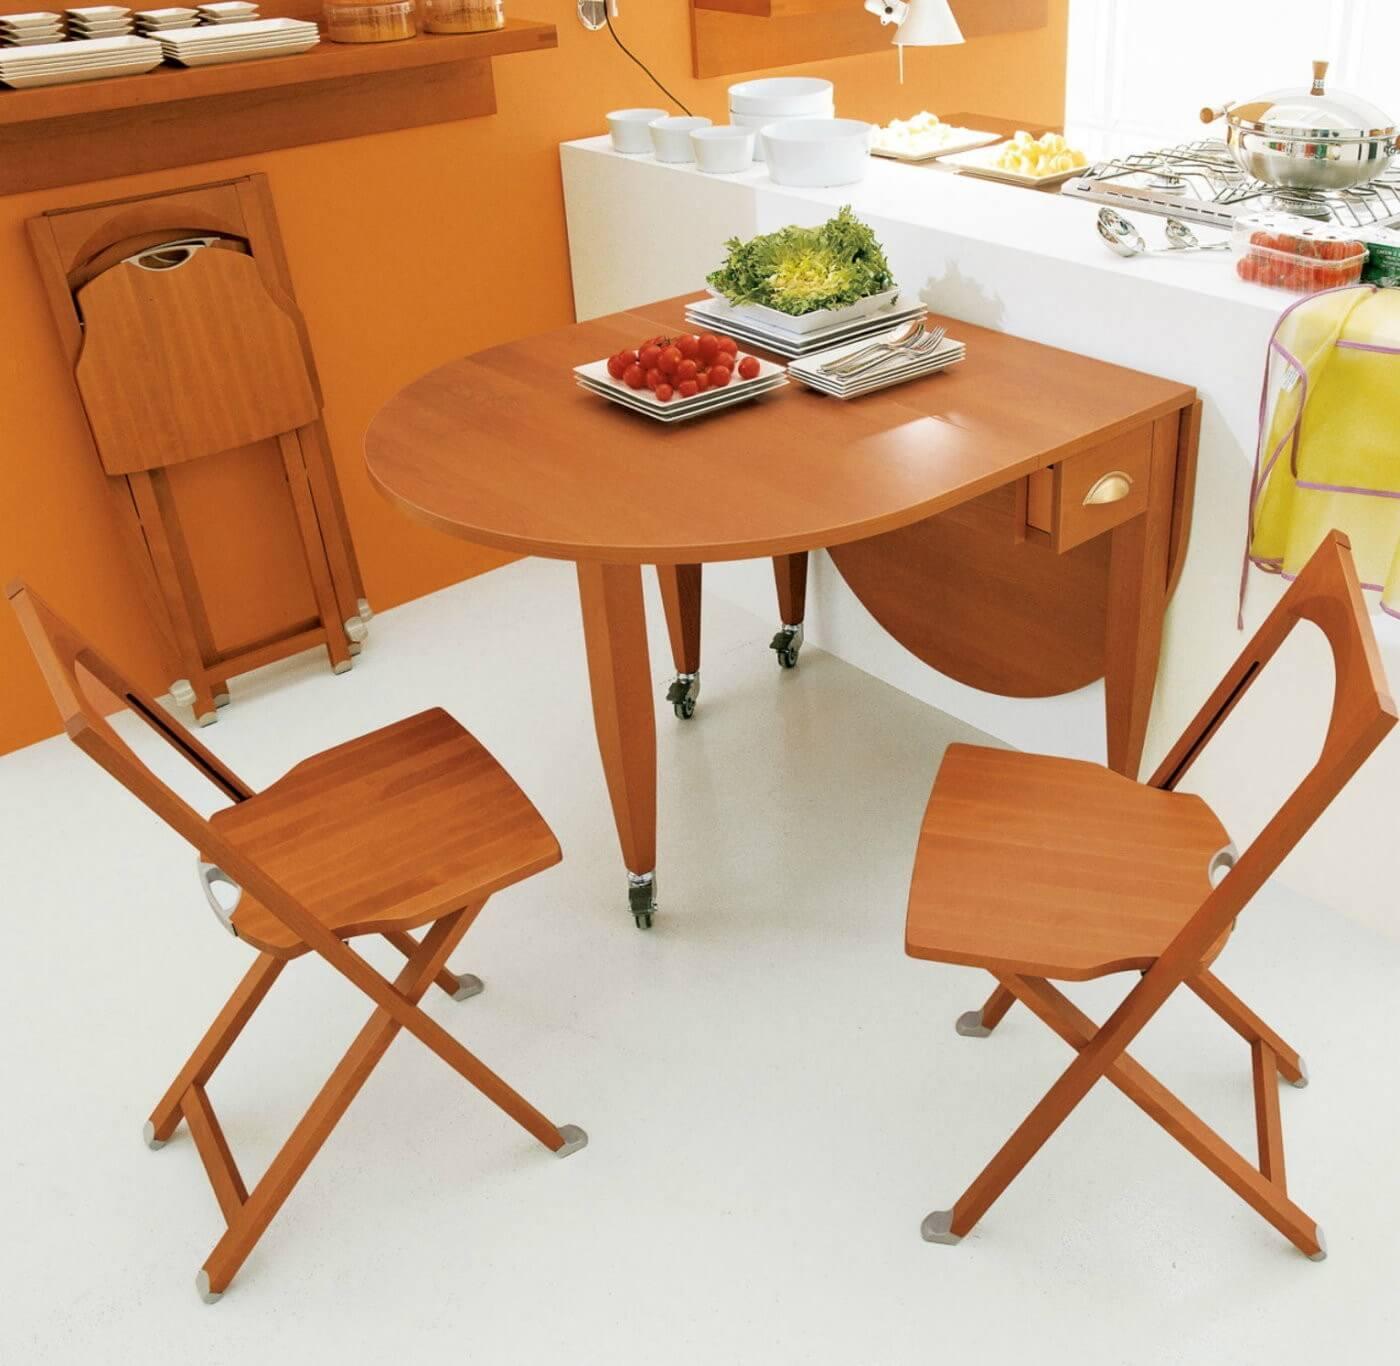 Раскладной стол для маленькой кухни на колесиках